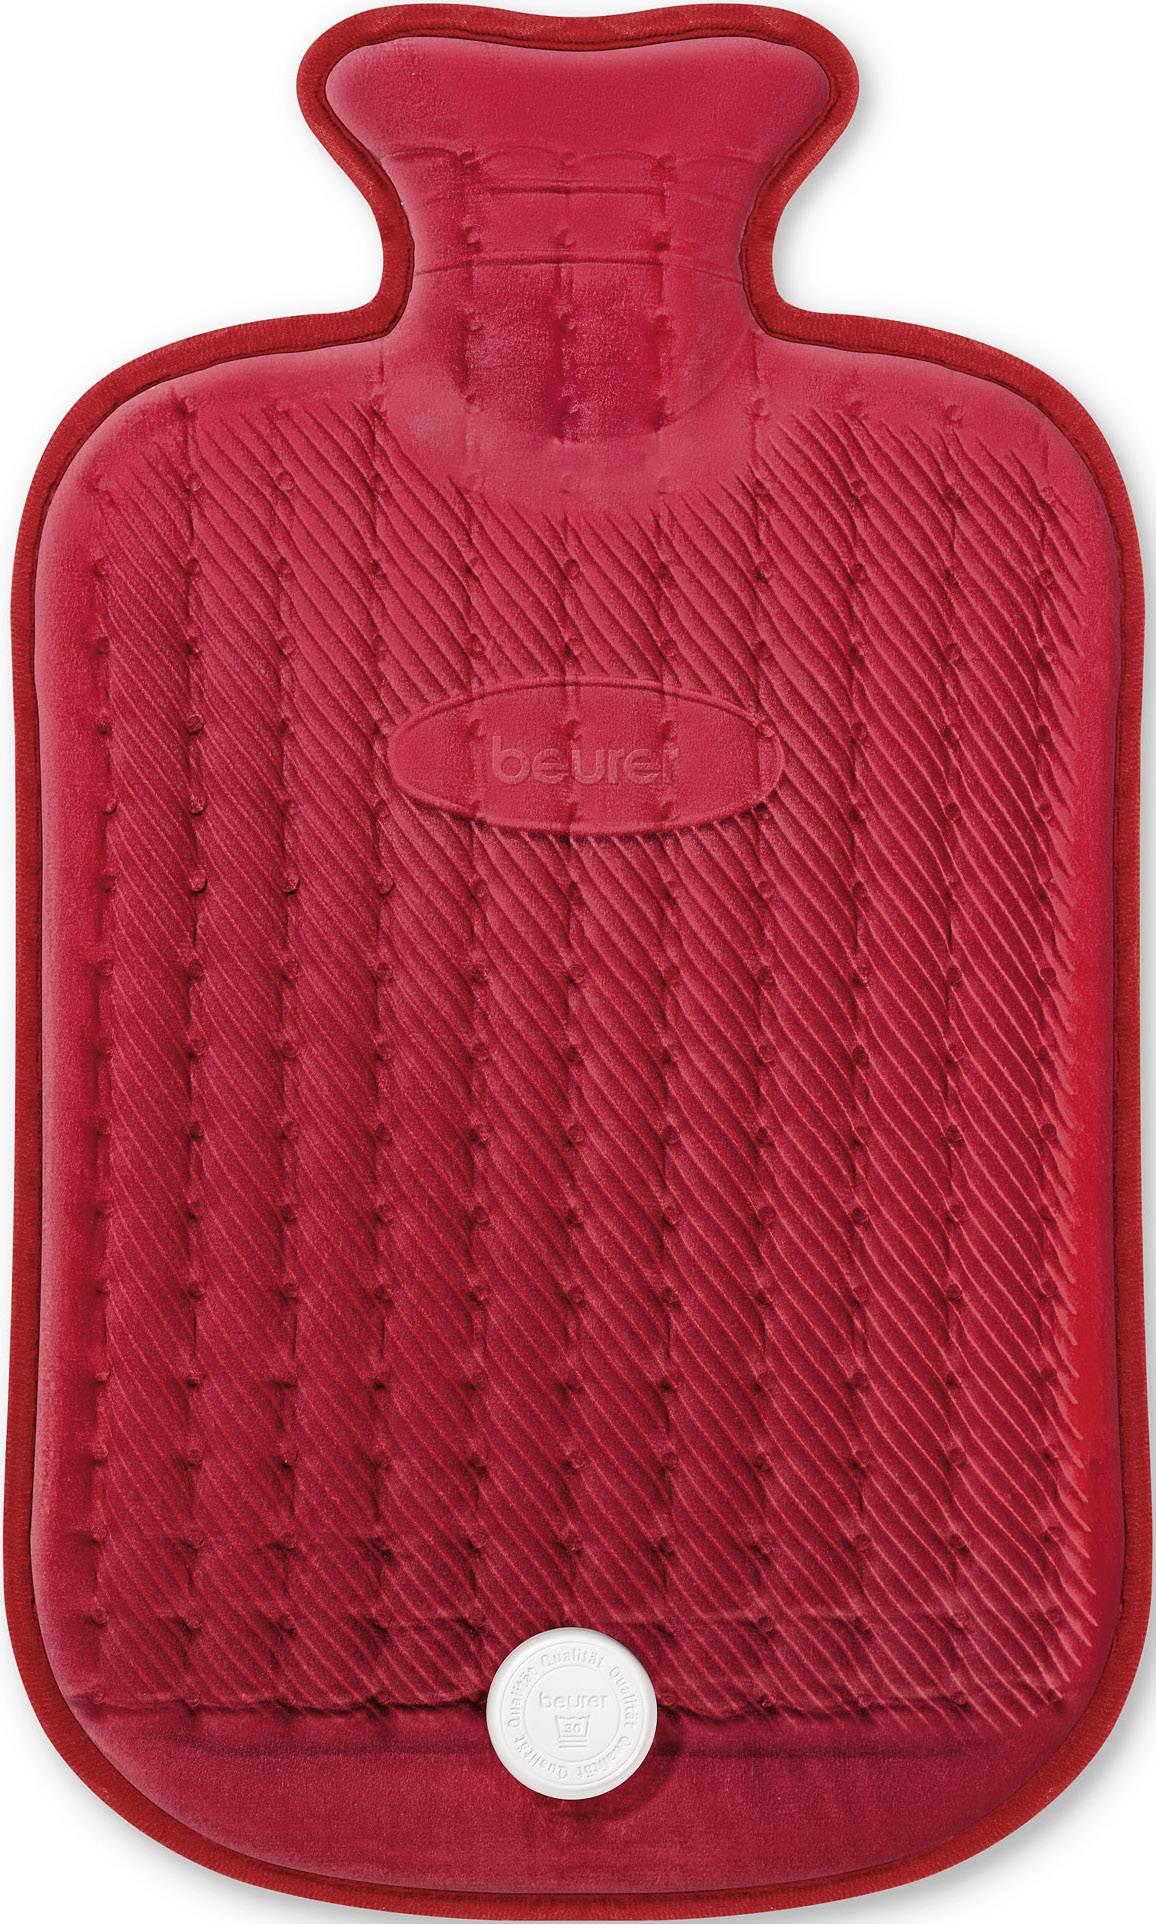 Elektrická hrejivá fľaša - termofor Beurer HK44, 100 W, 500 mm x 300 mm , červená